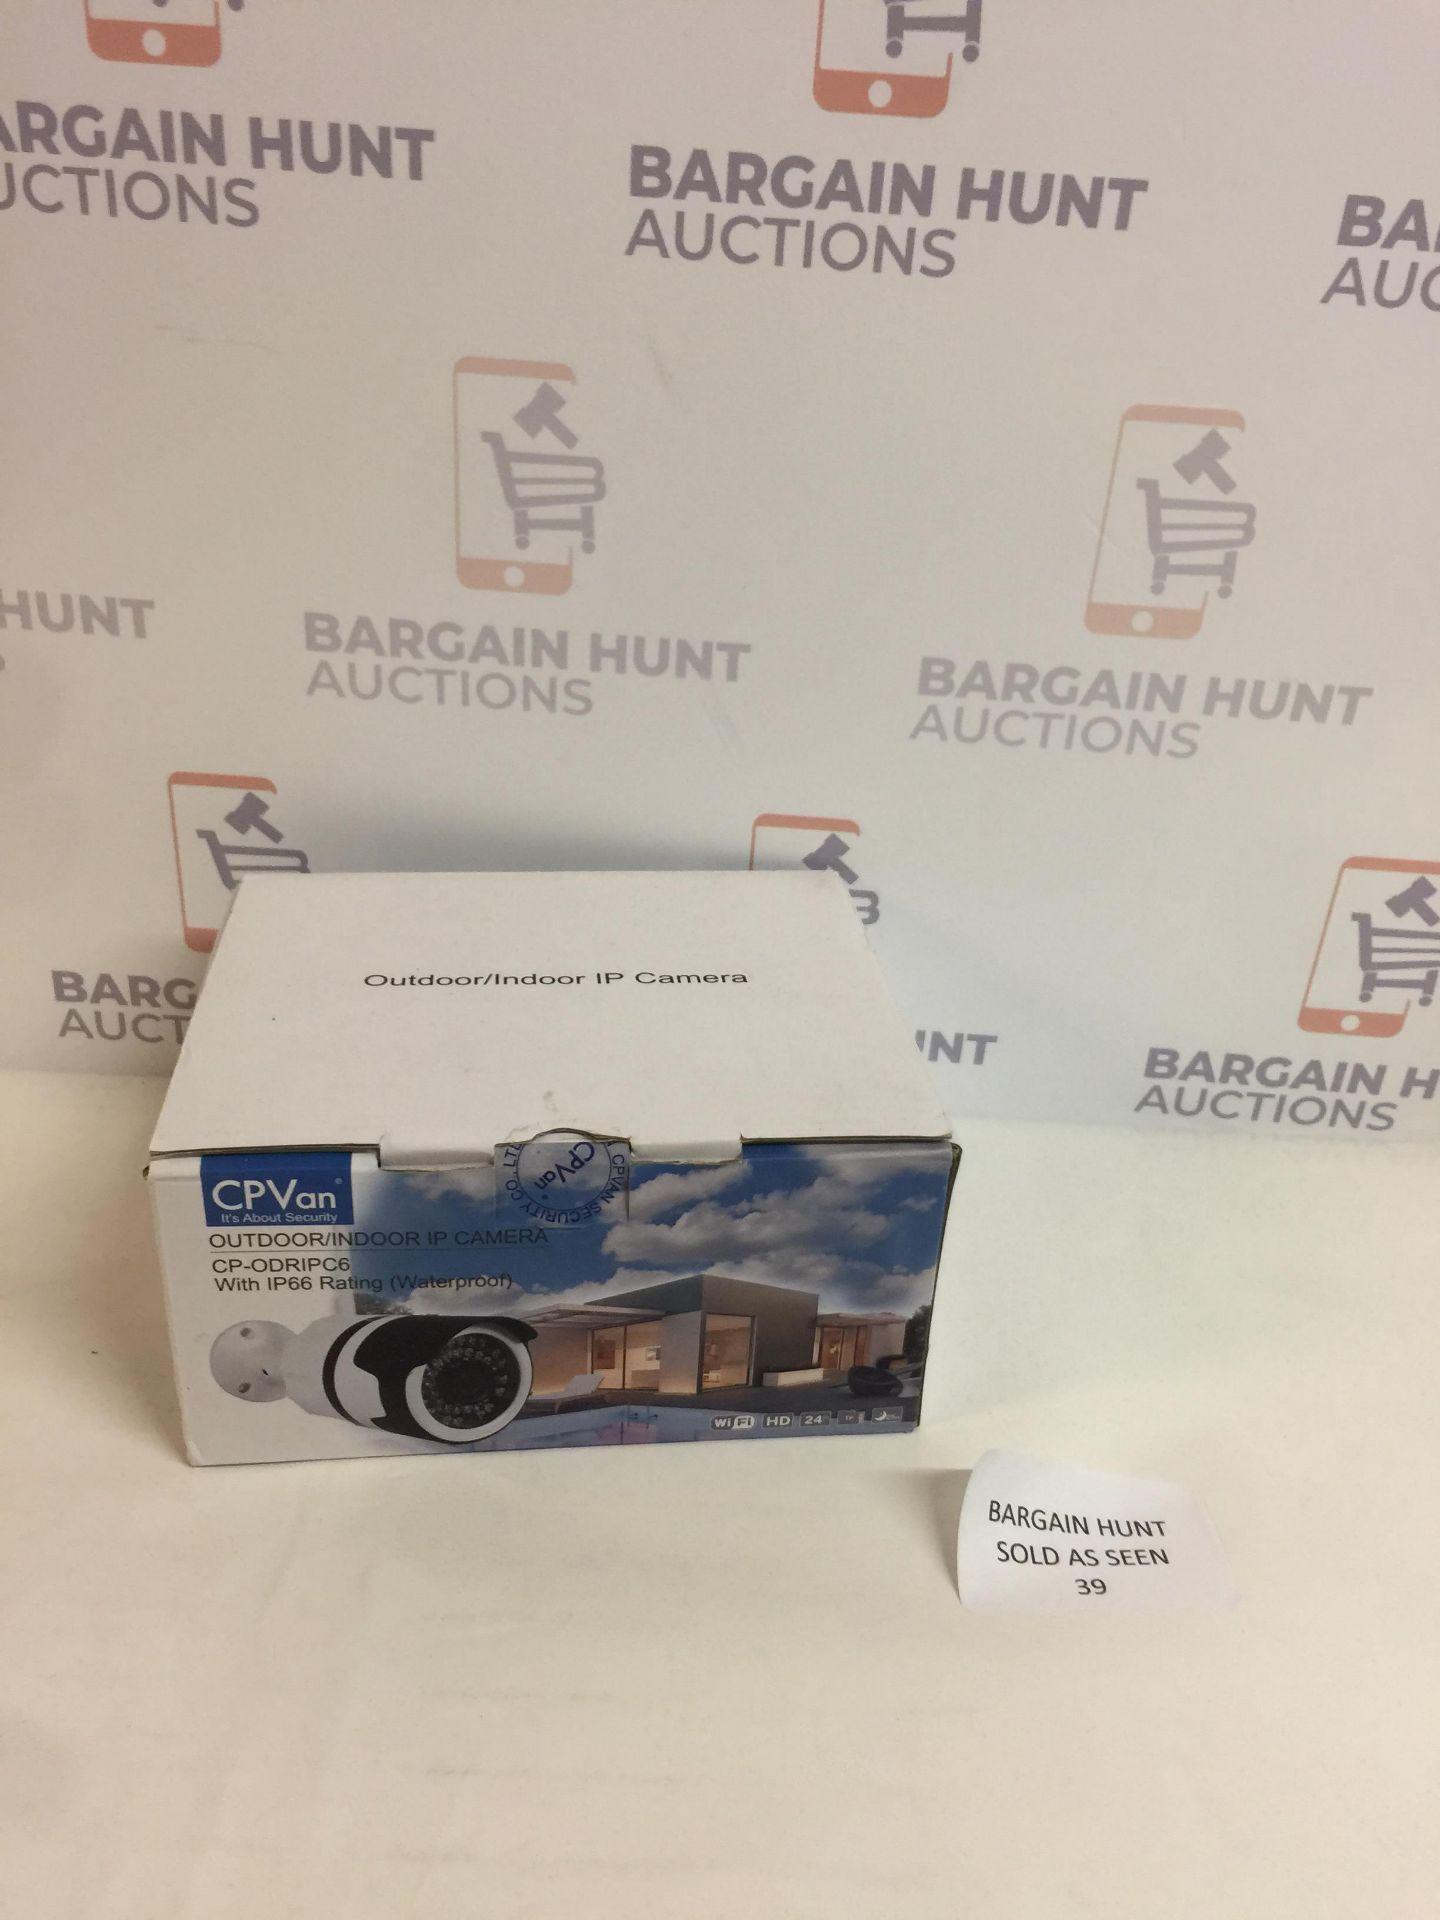 Lot 39 - CPVan Outdoor/ Indoor IP Camera